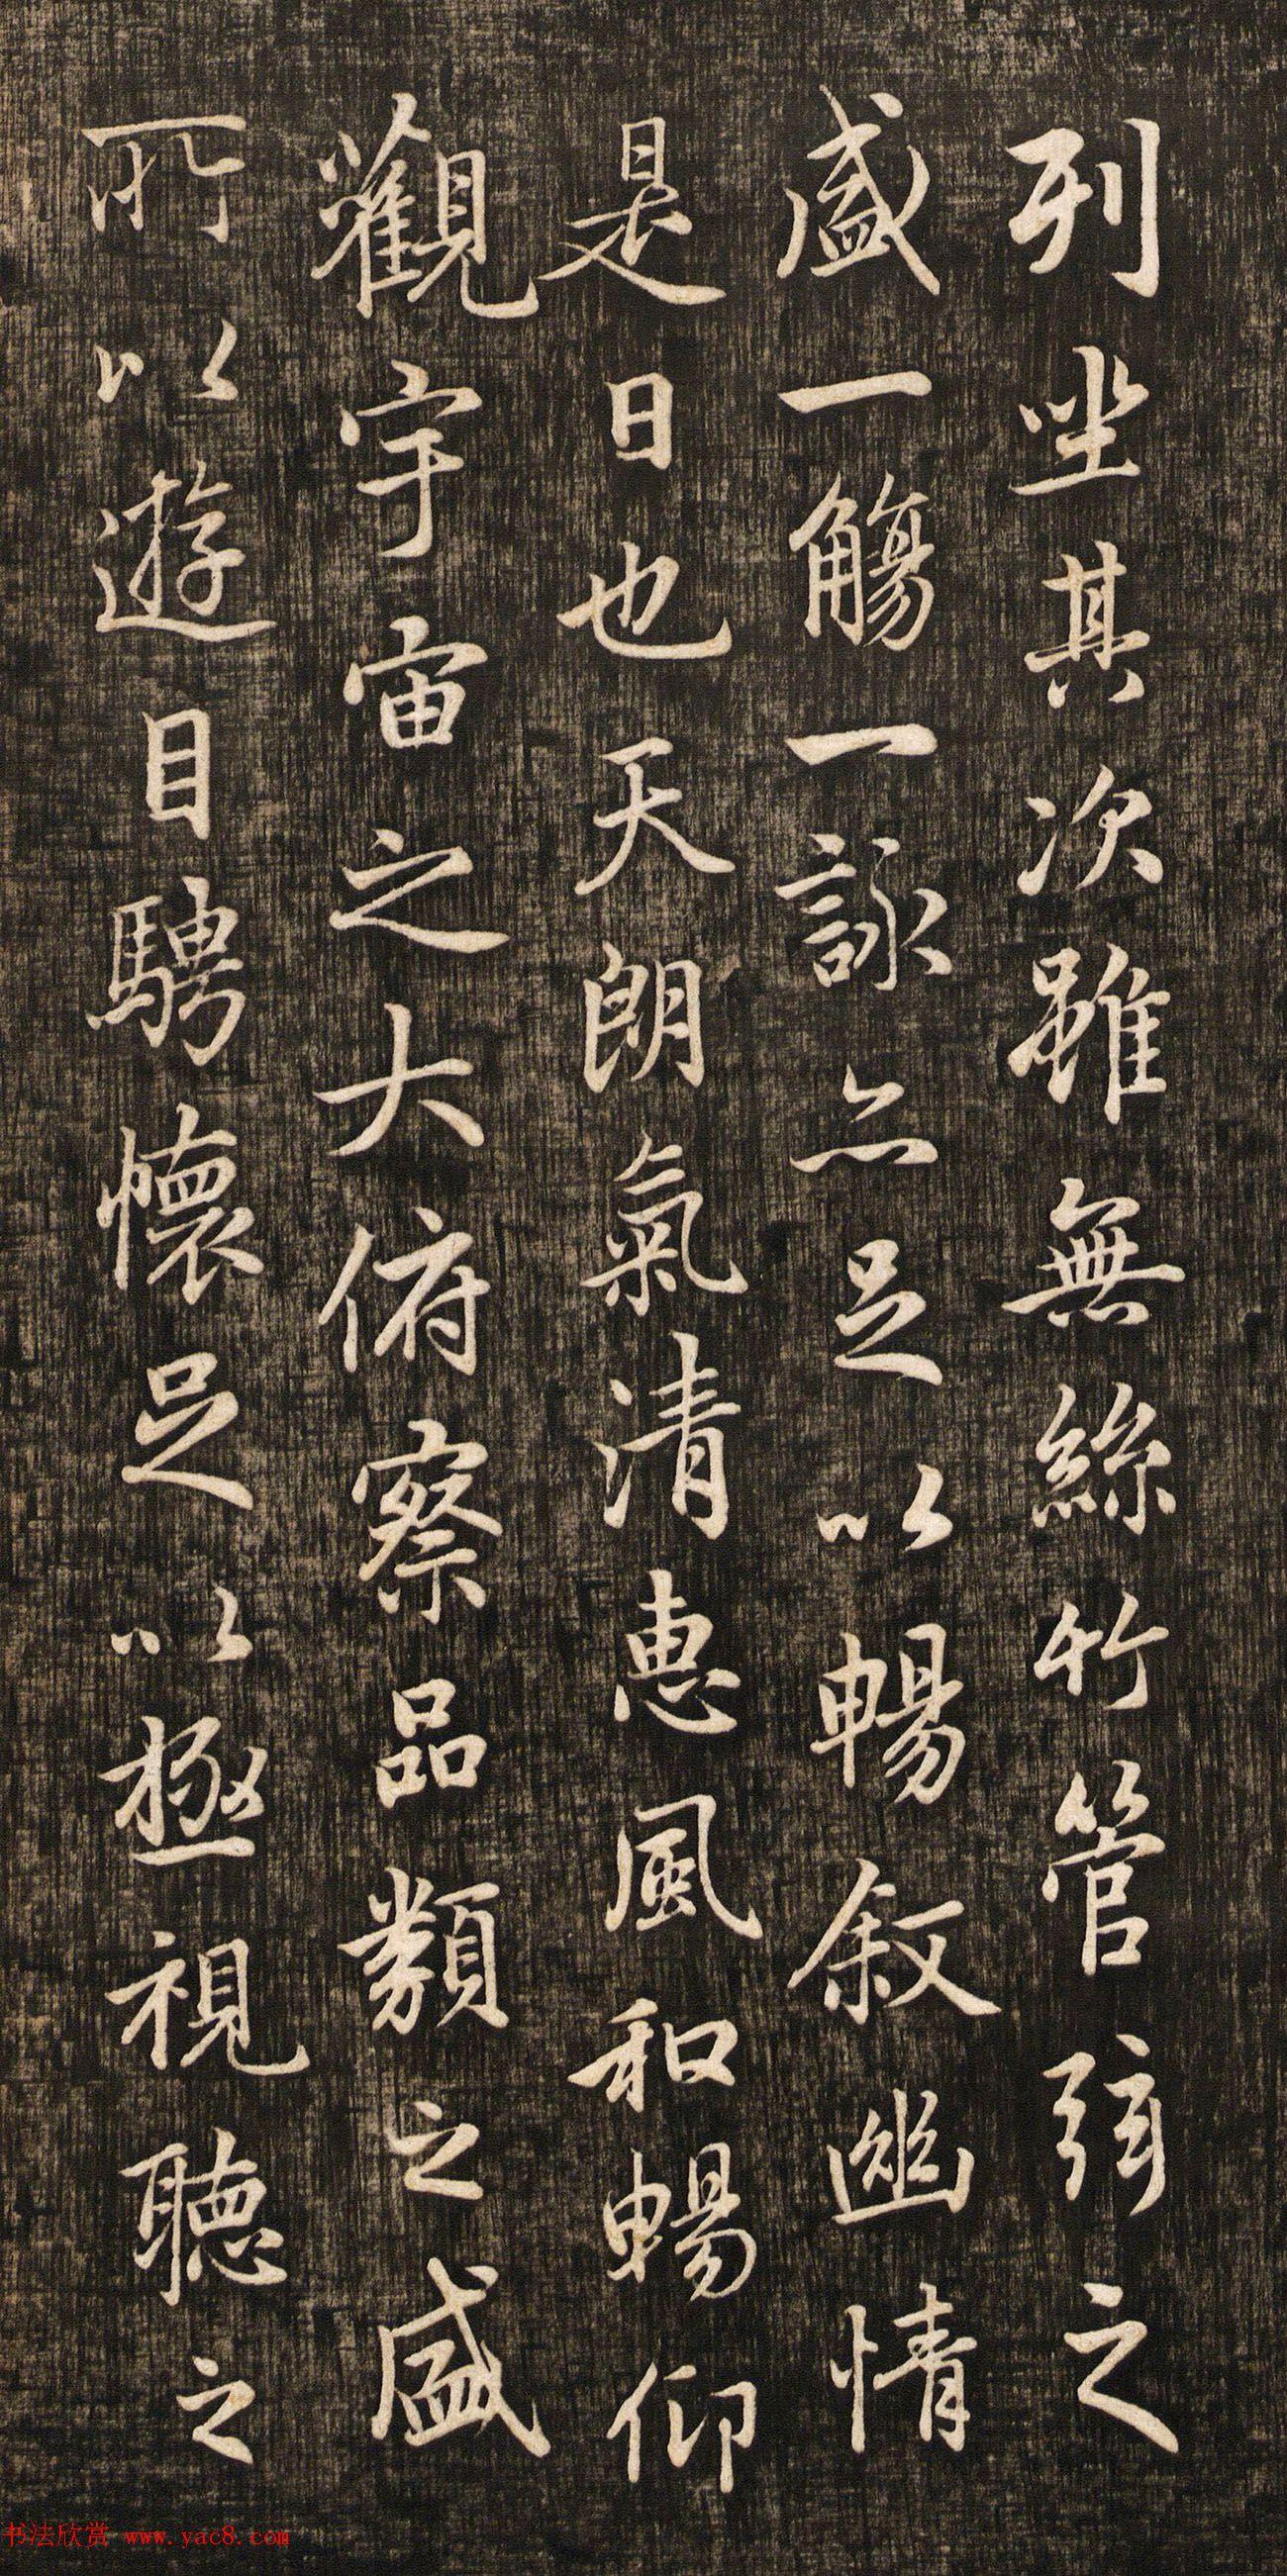 赵孟頫书法真迹《兰亭十三跋》挺拔刚健之美